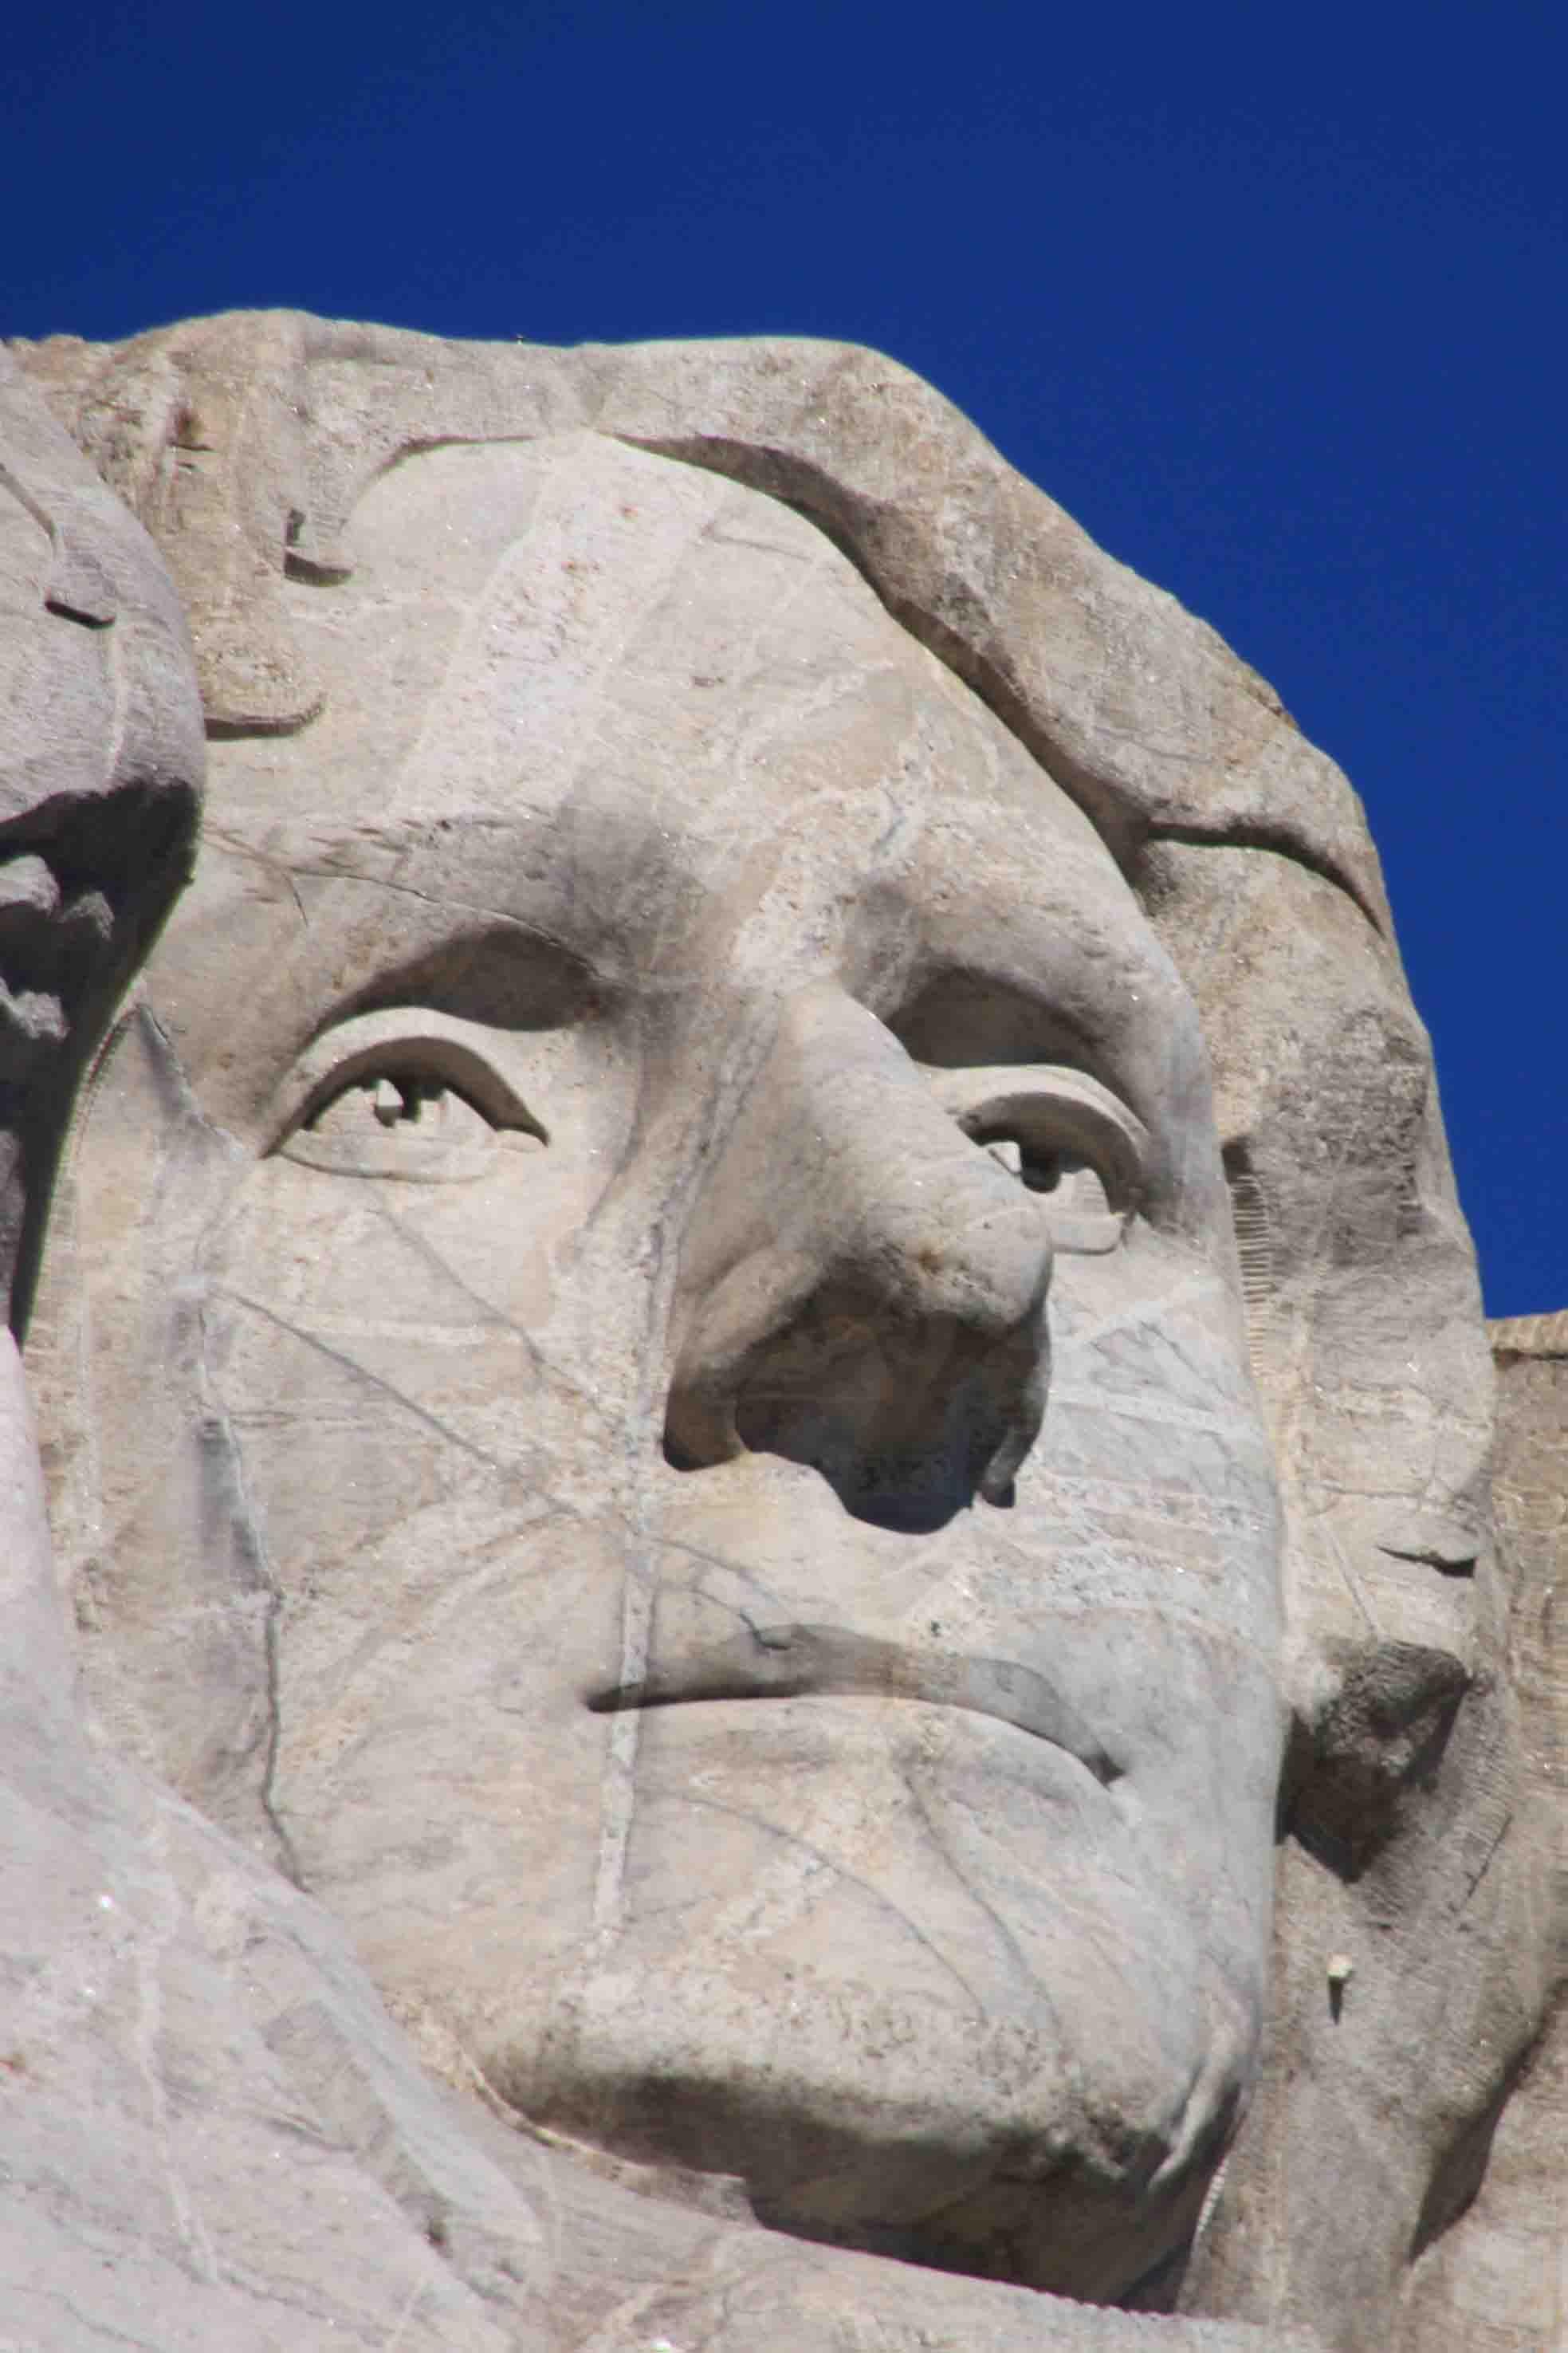 Mt Rushmore Eyes Mount Rushmore Faces Eyes Mount